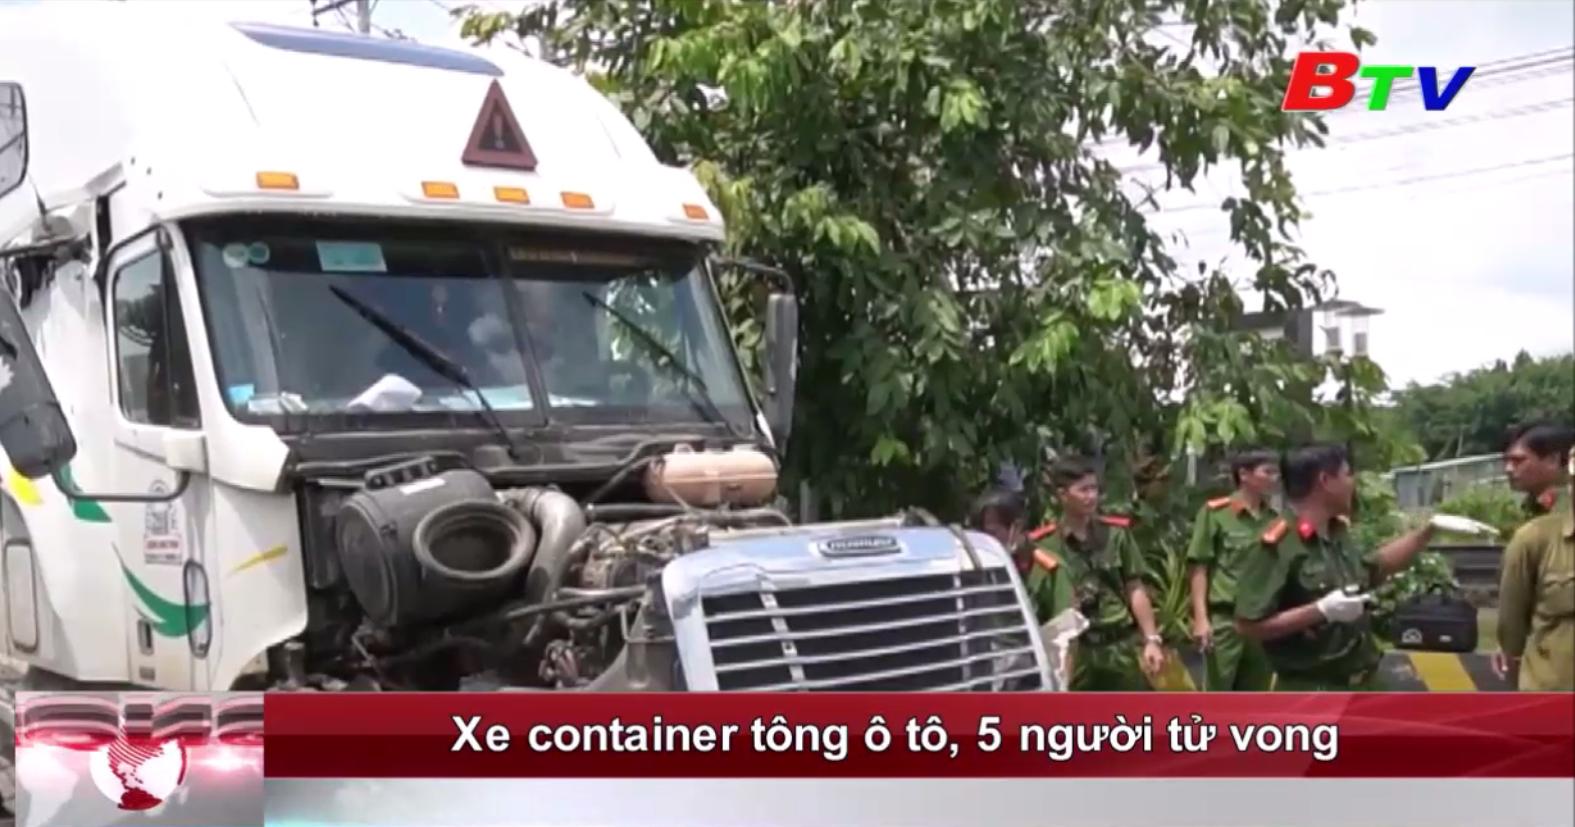 Xe container tông ô tô, 5 người thiệt mạng